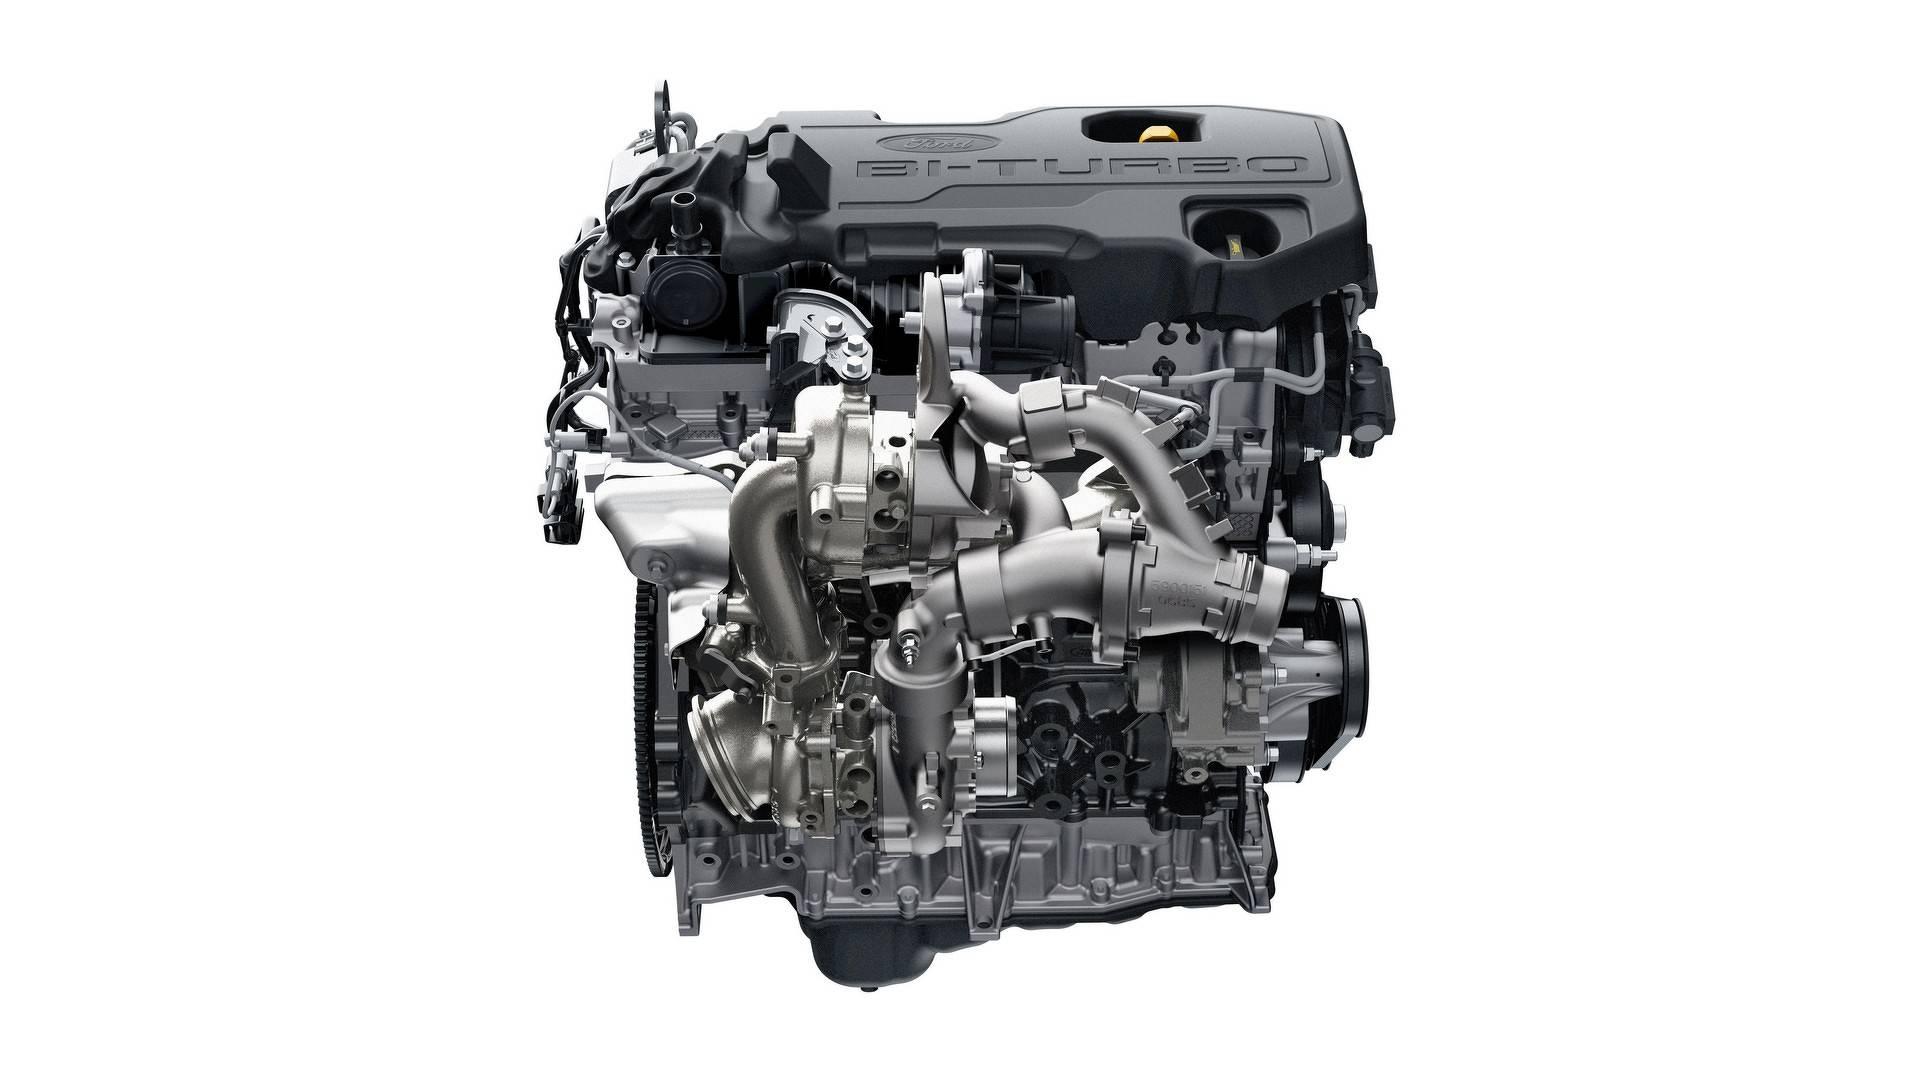 Saya pikir unit v6 diesel yang kami miliki hanyalah v6 3 0 liter dan saya cukup yakin itu tidak akan cocok meskipun kami mencoba untuk membuatnya sesuai